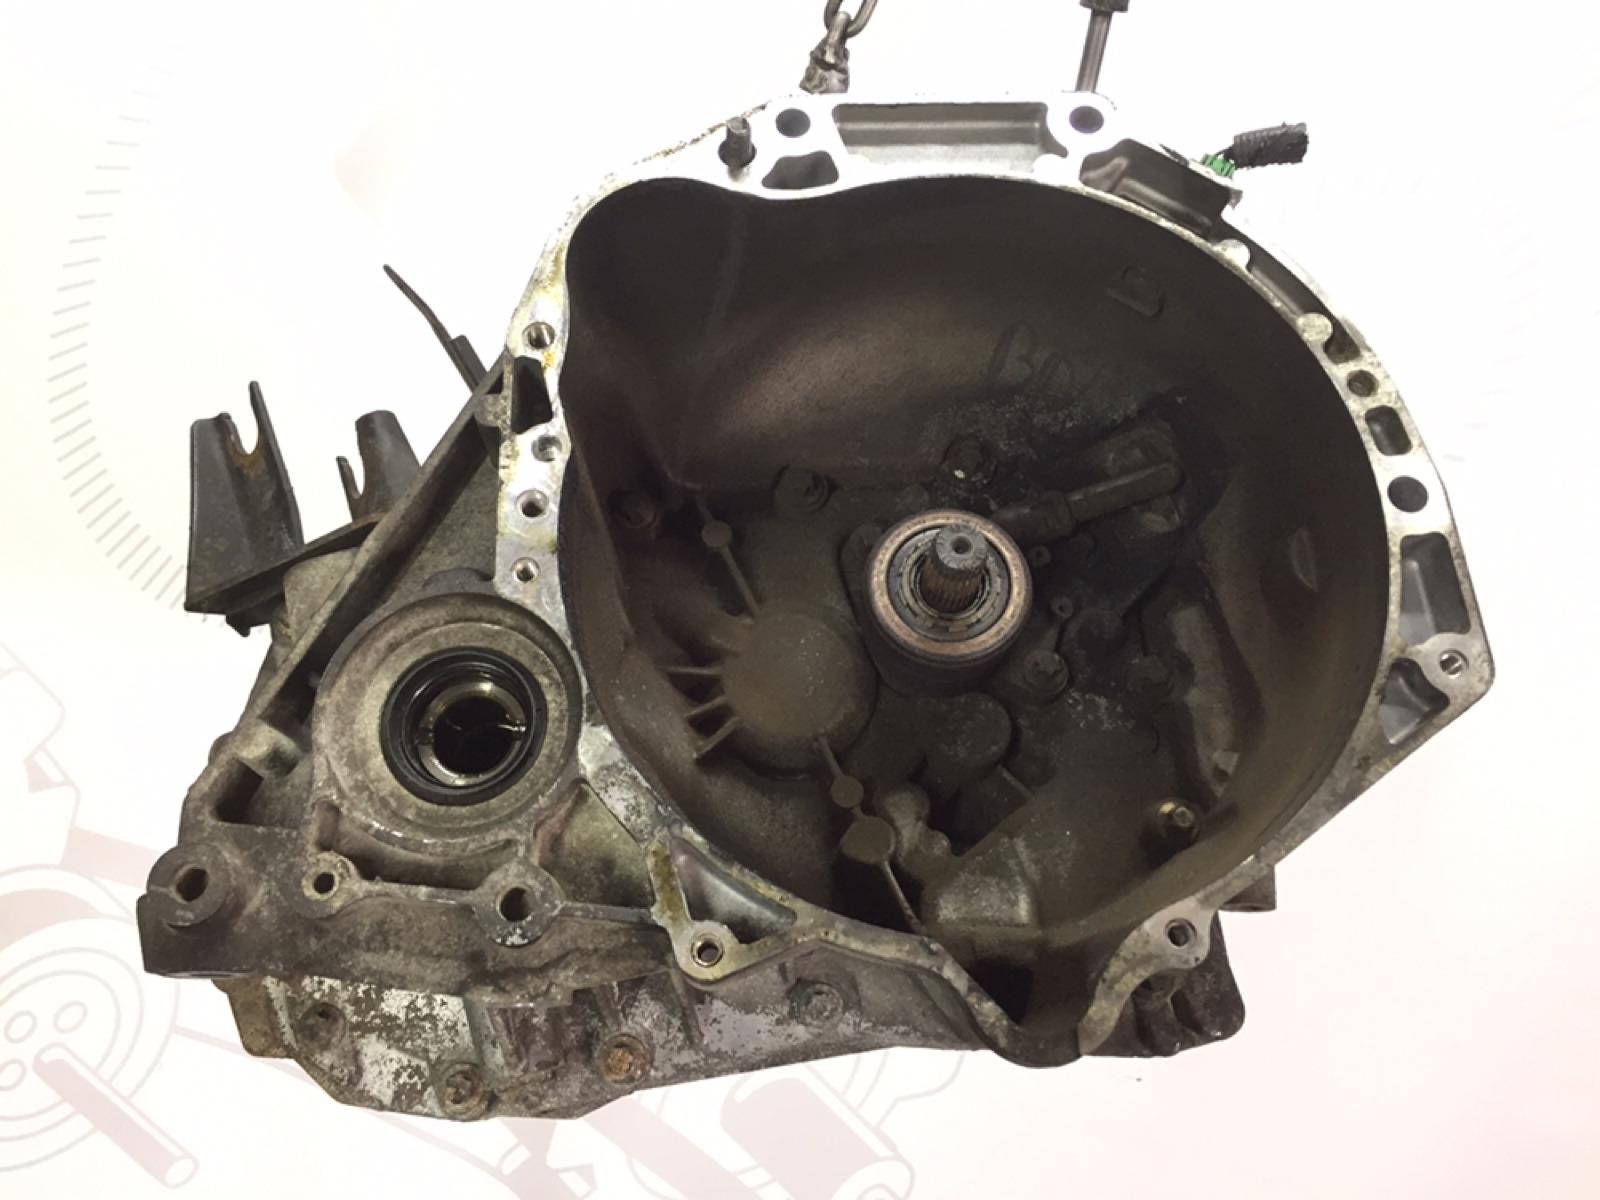 Кпп механическая (мкпп) Nissan Micra K12 1.2 I 2005 (б/у)